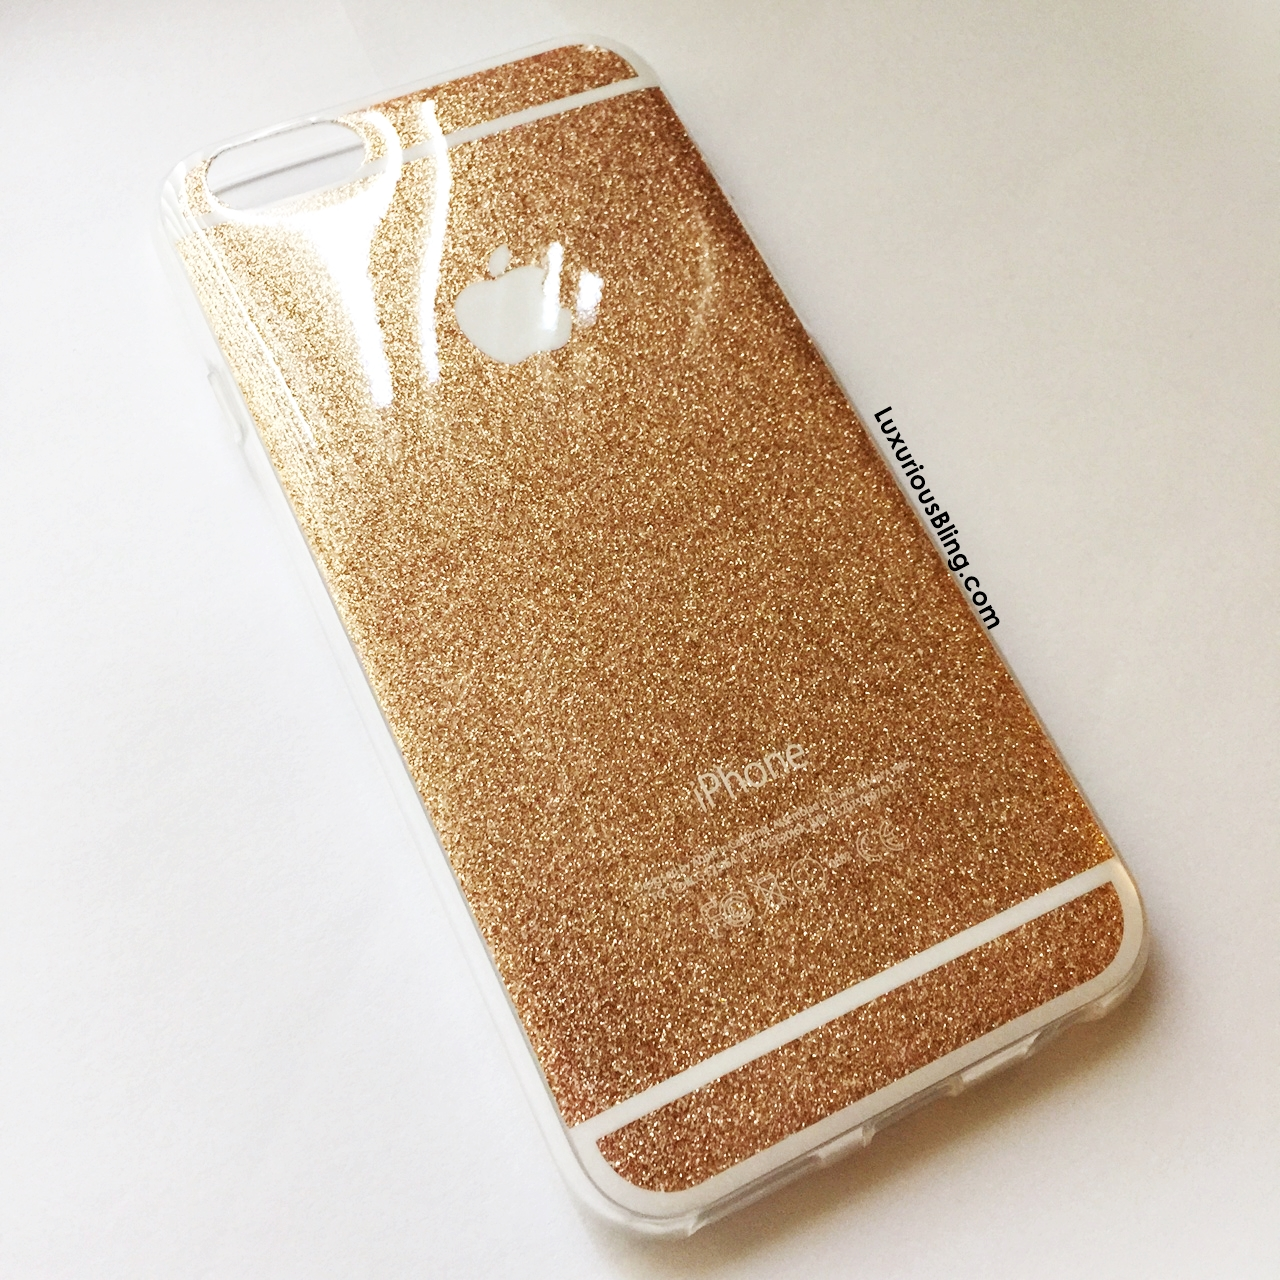 Home u00bb Product u00bb Glitter iPhone Case u2013 iPhone 6 / 6s iPhone 6 Plus ...